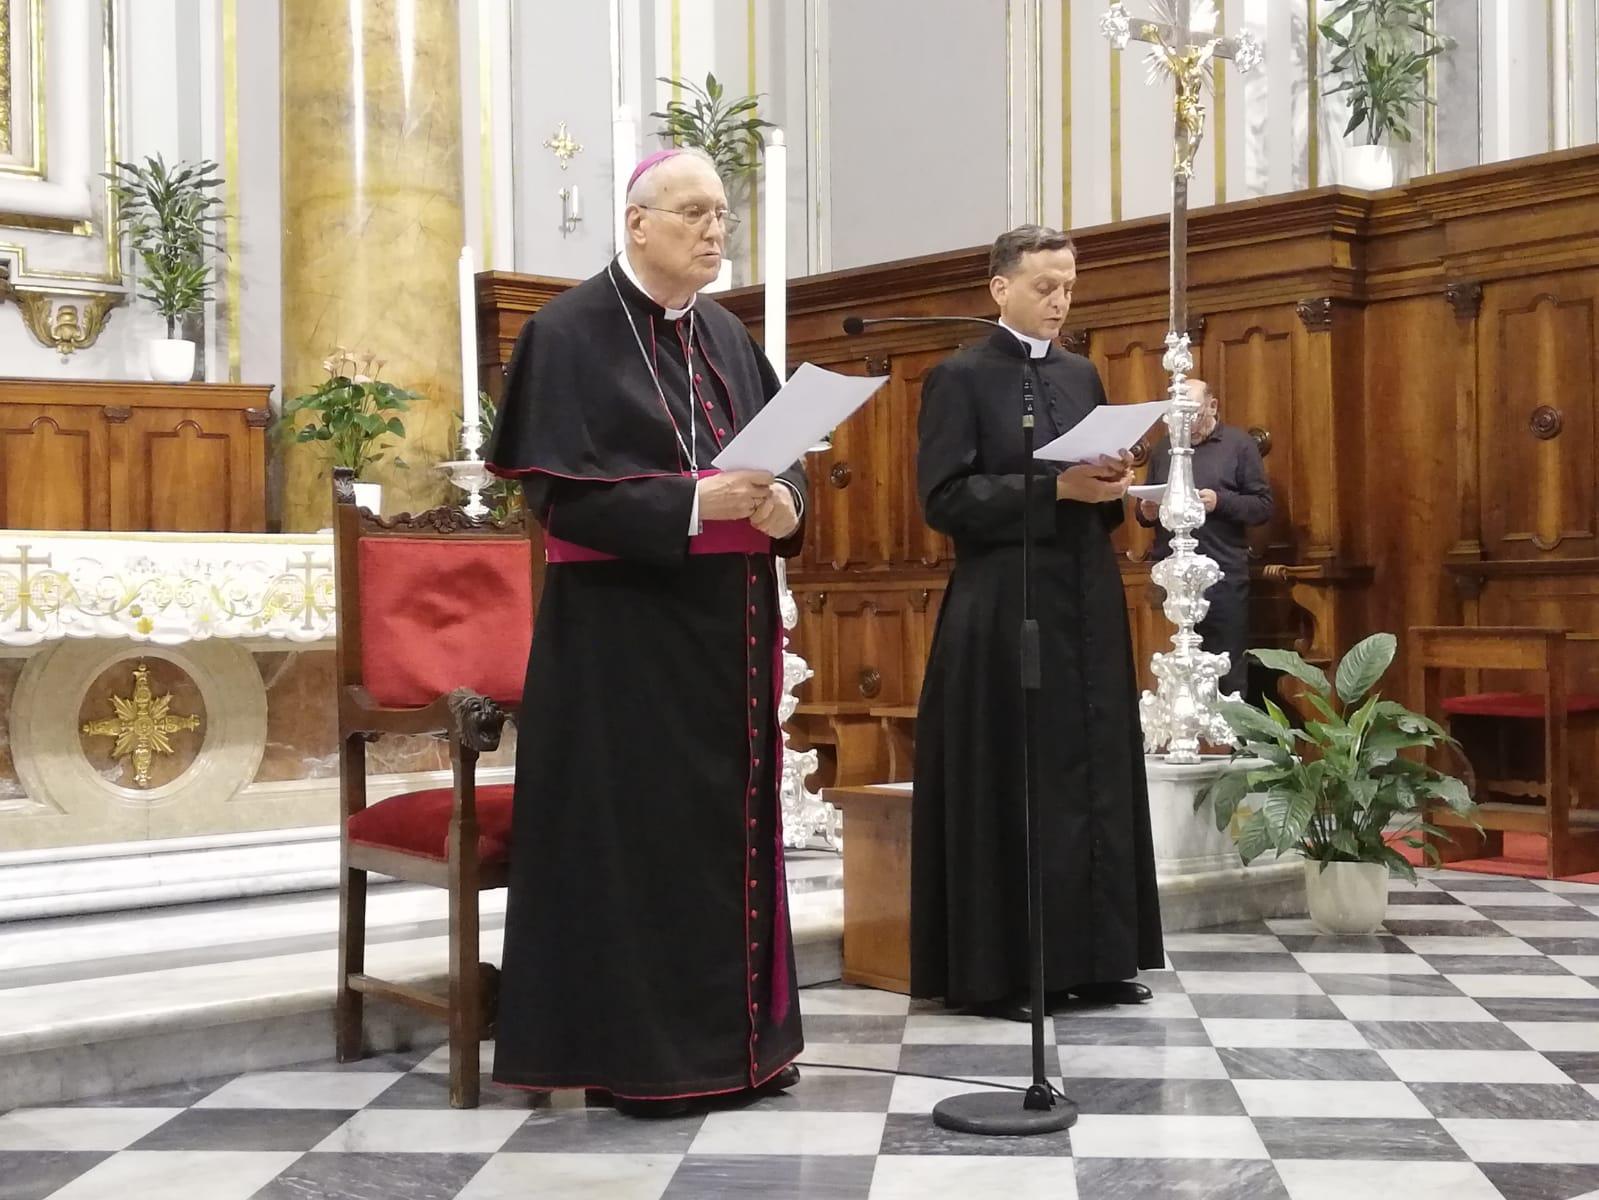 Ultima ordinazione sacerdotale per il vescovo Marrucci